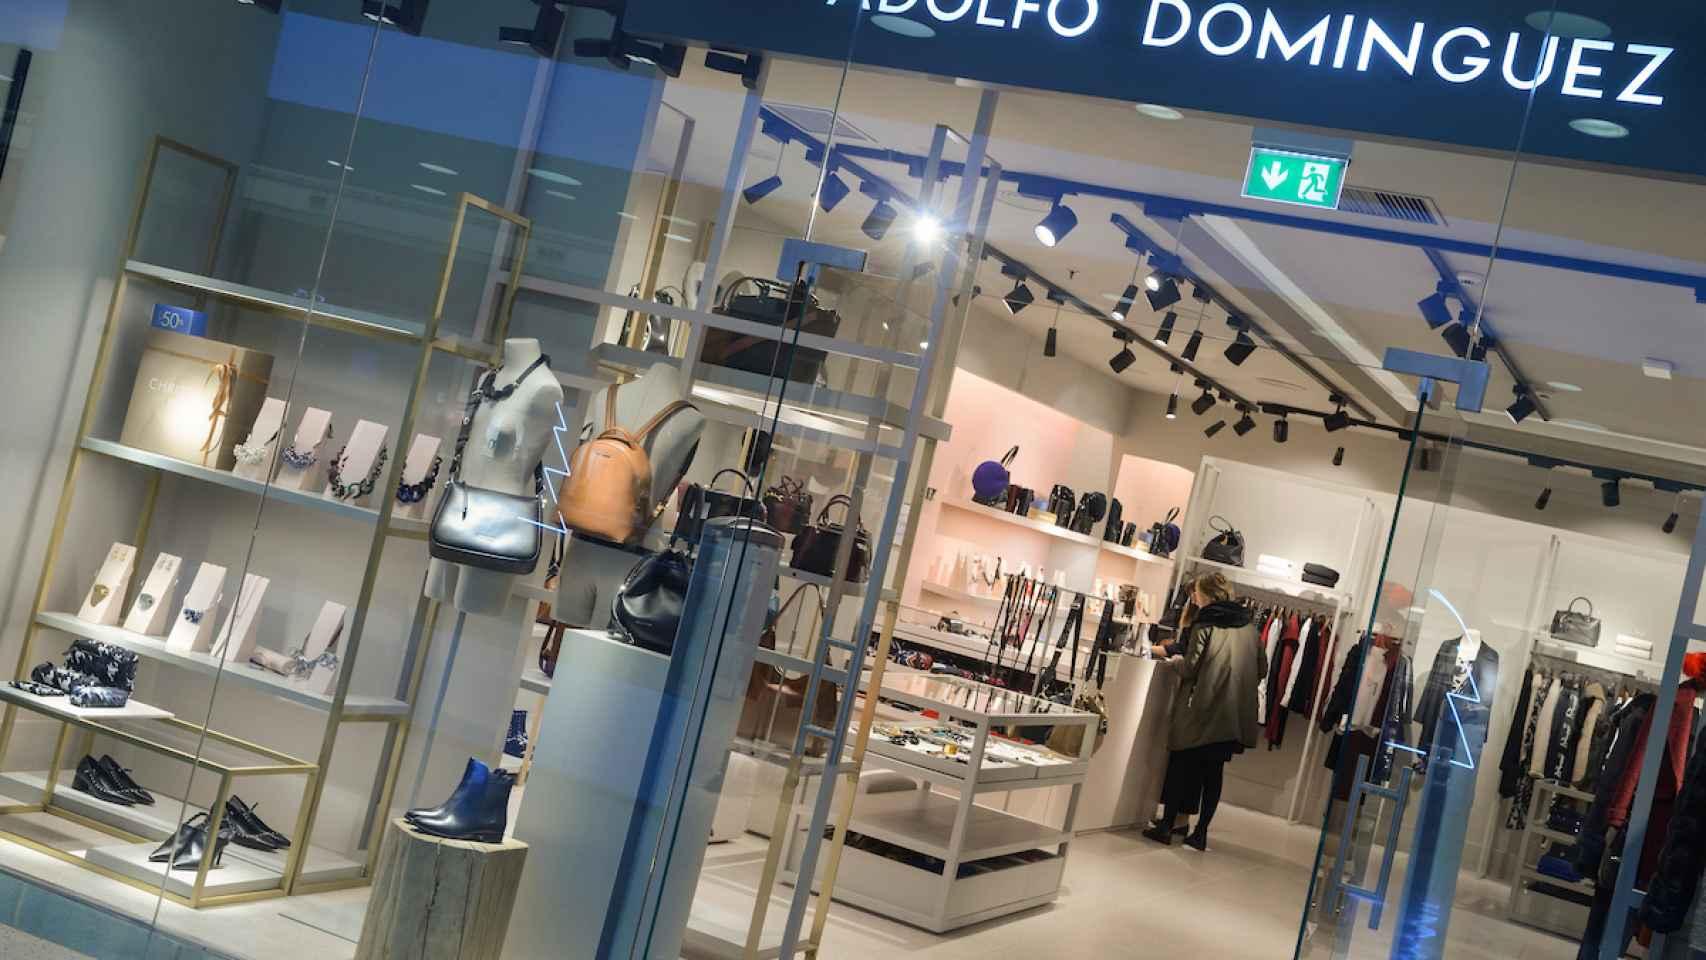 La nueva tienda de Adolfo Domínguez en un centro comercial de Vigo.